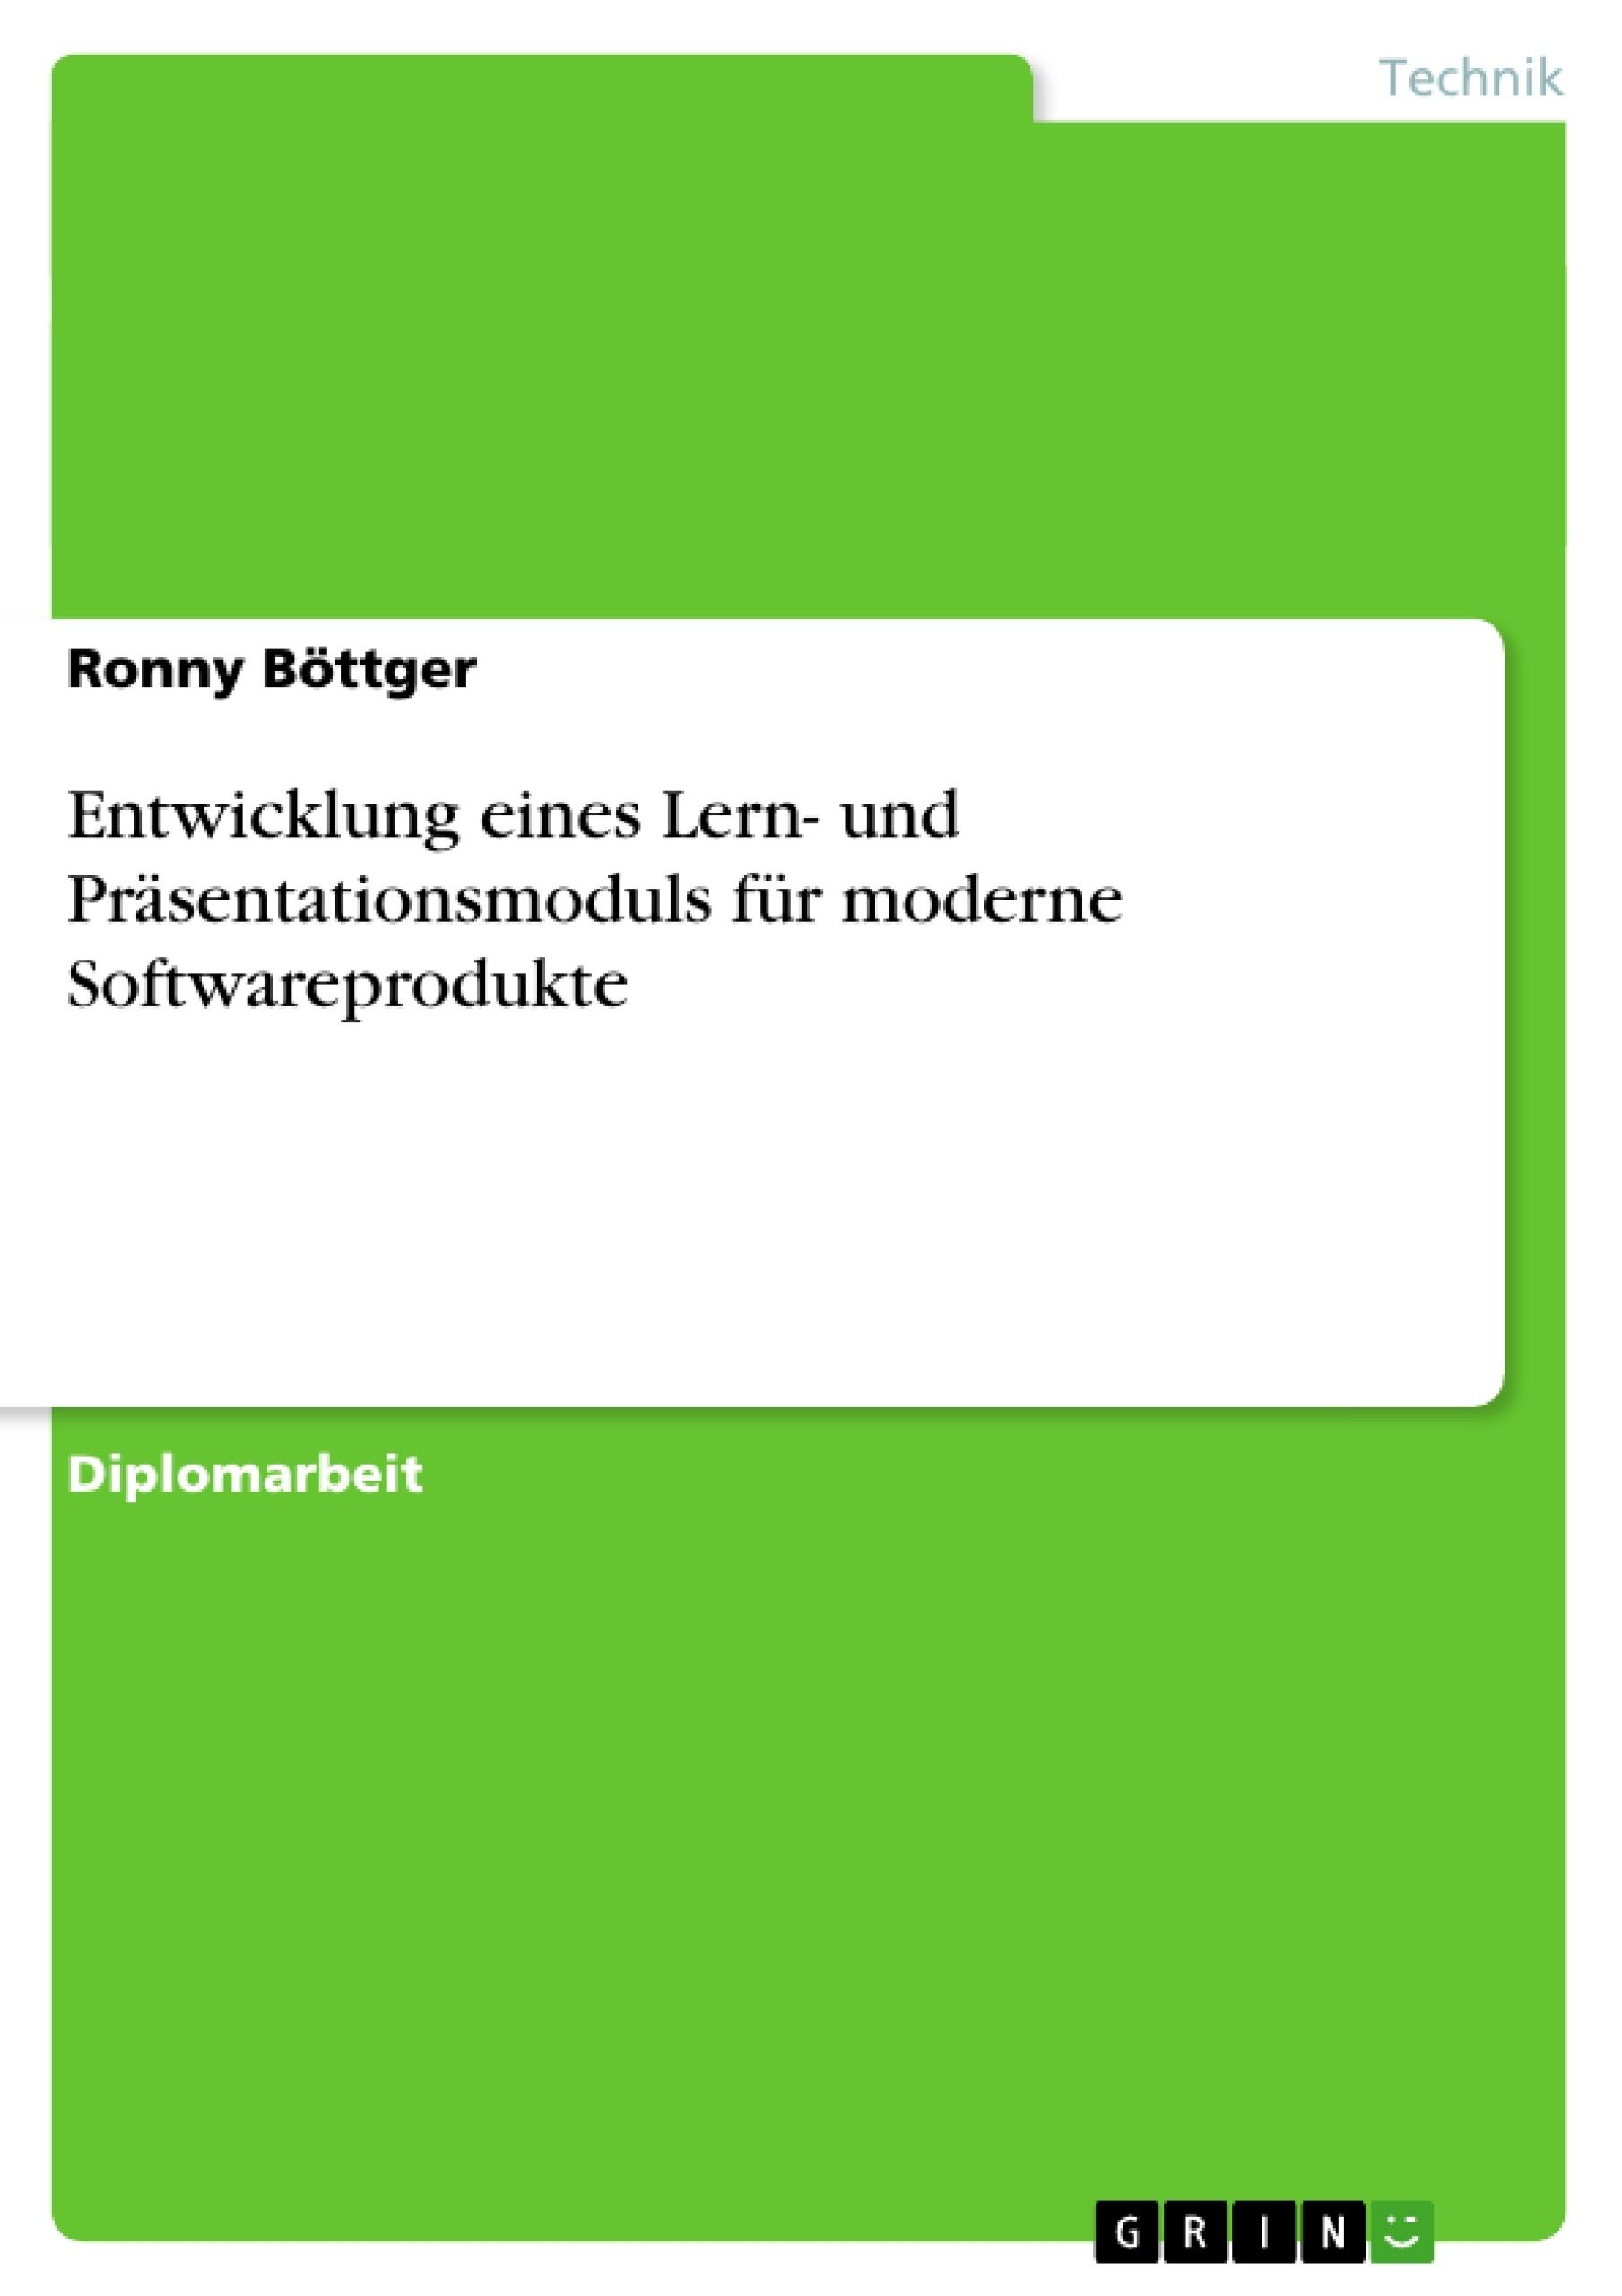 Titel: Entwicklung eines Lern- und Präsentationsmoduls für moderne Softwareprodukte